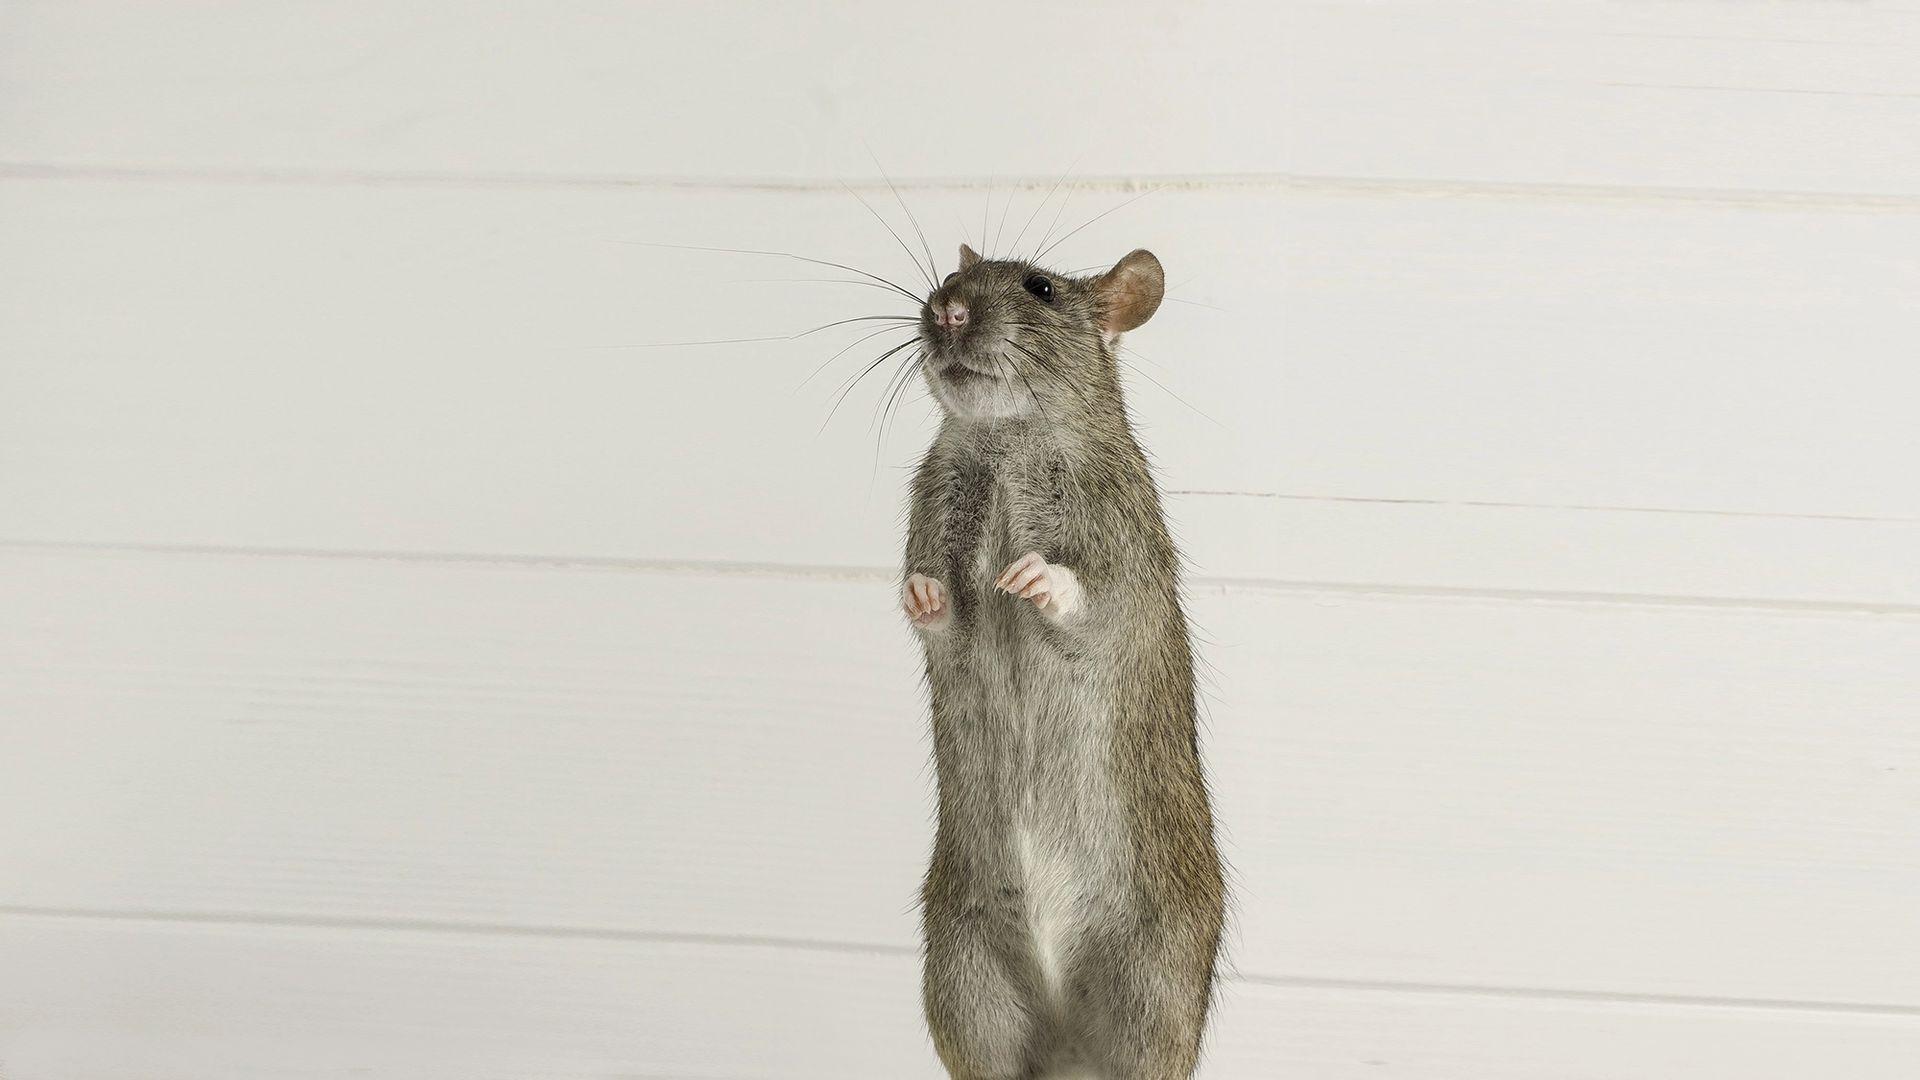 Mensch mit Ratten-Hepatitis infiziert